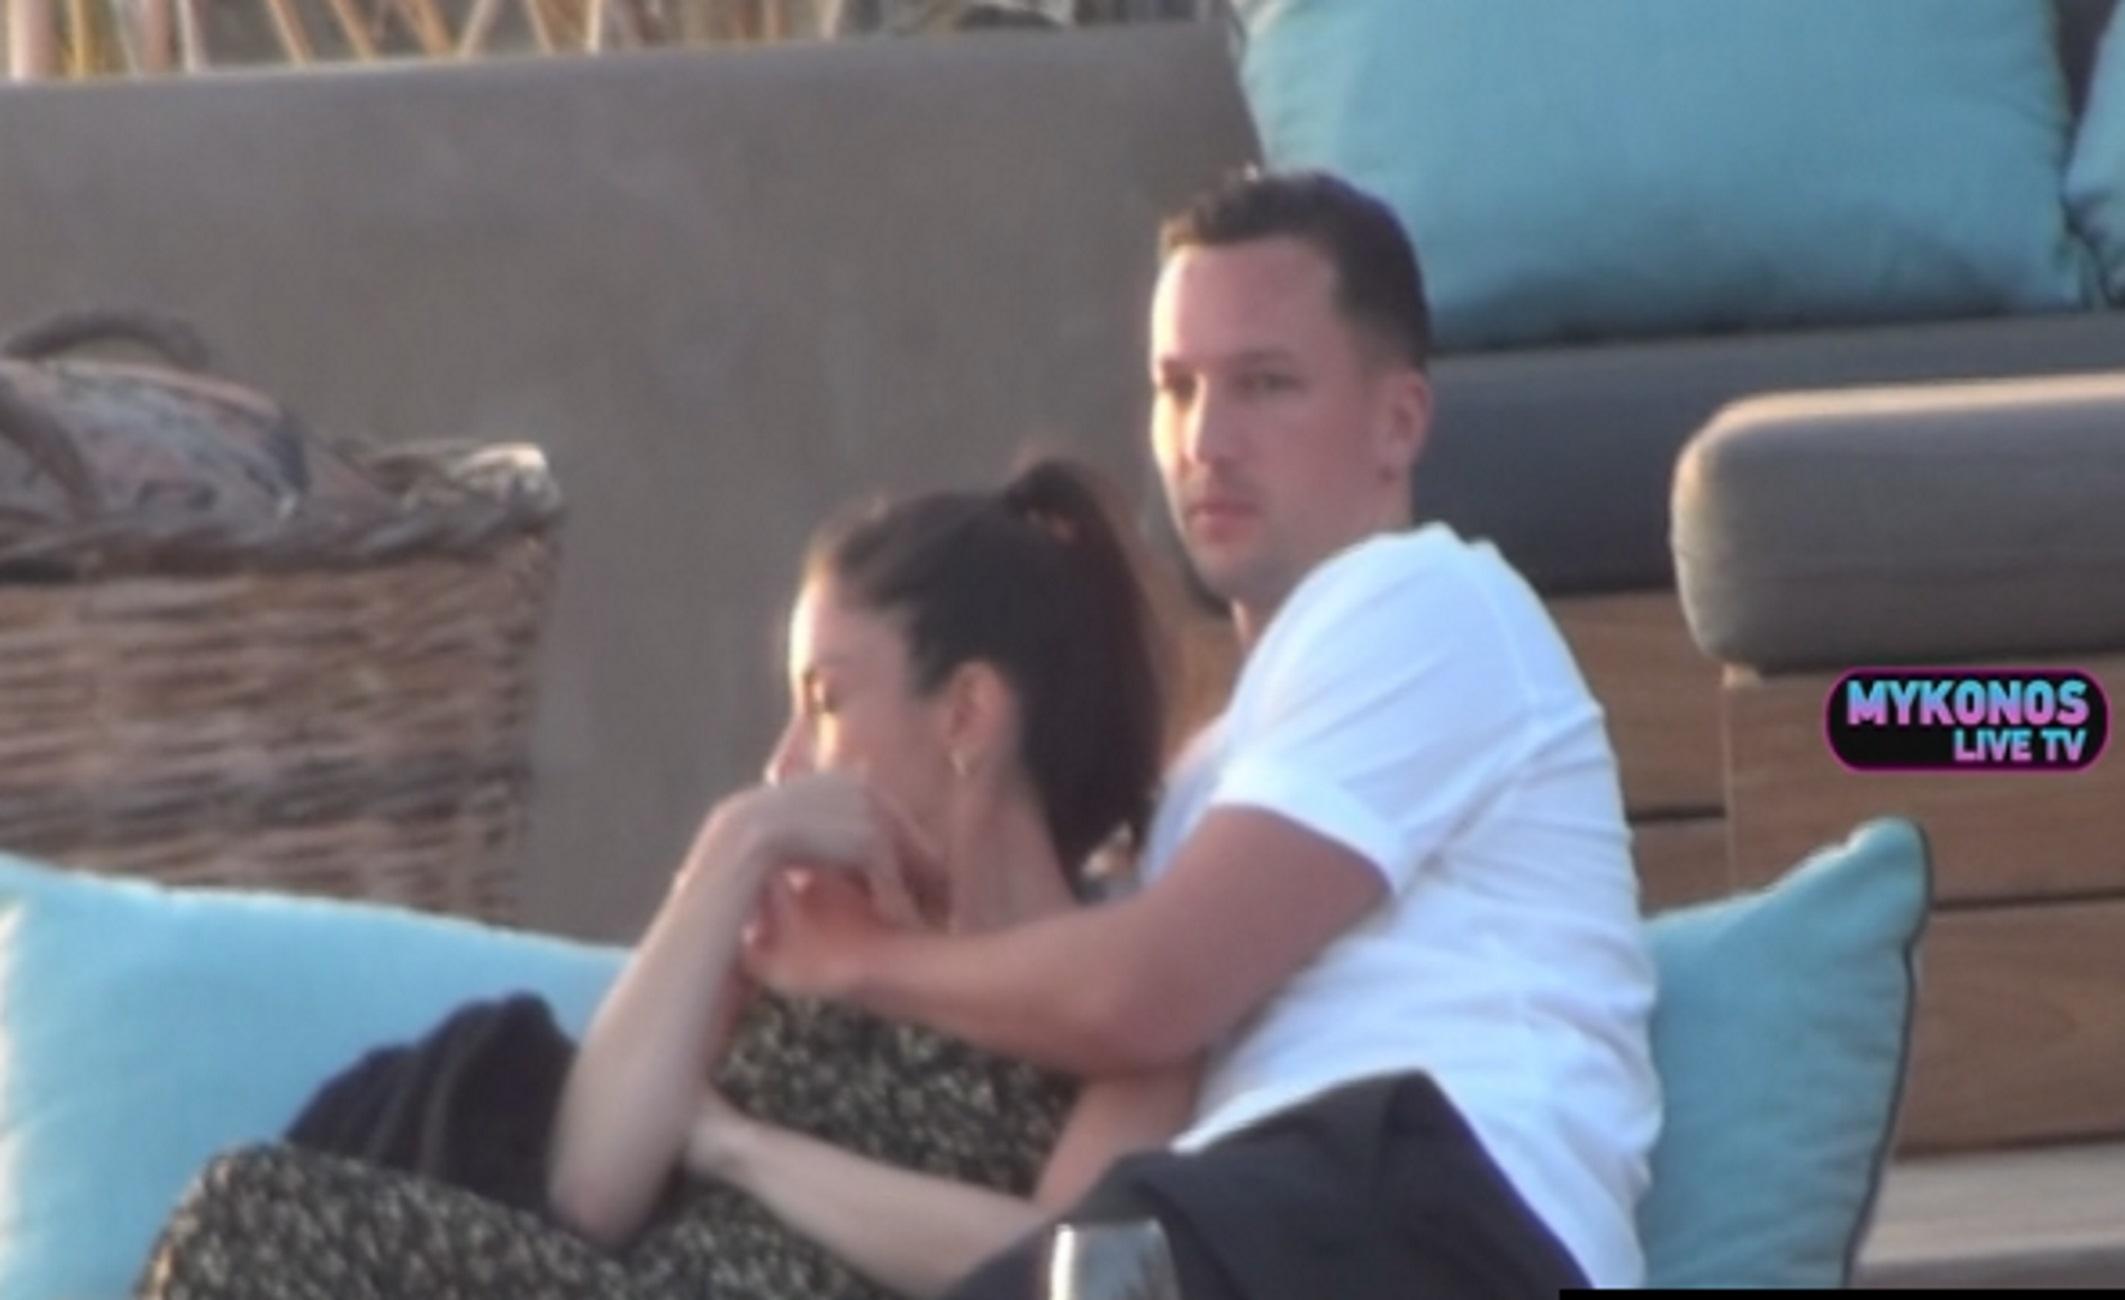 Μύκονος: Το ζευγάρι που μαγνήτισε τα βλέμματα όλων – Αγκαλιές και χάδια σε διάσημο μπαρ (video)